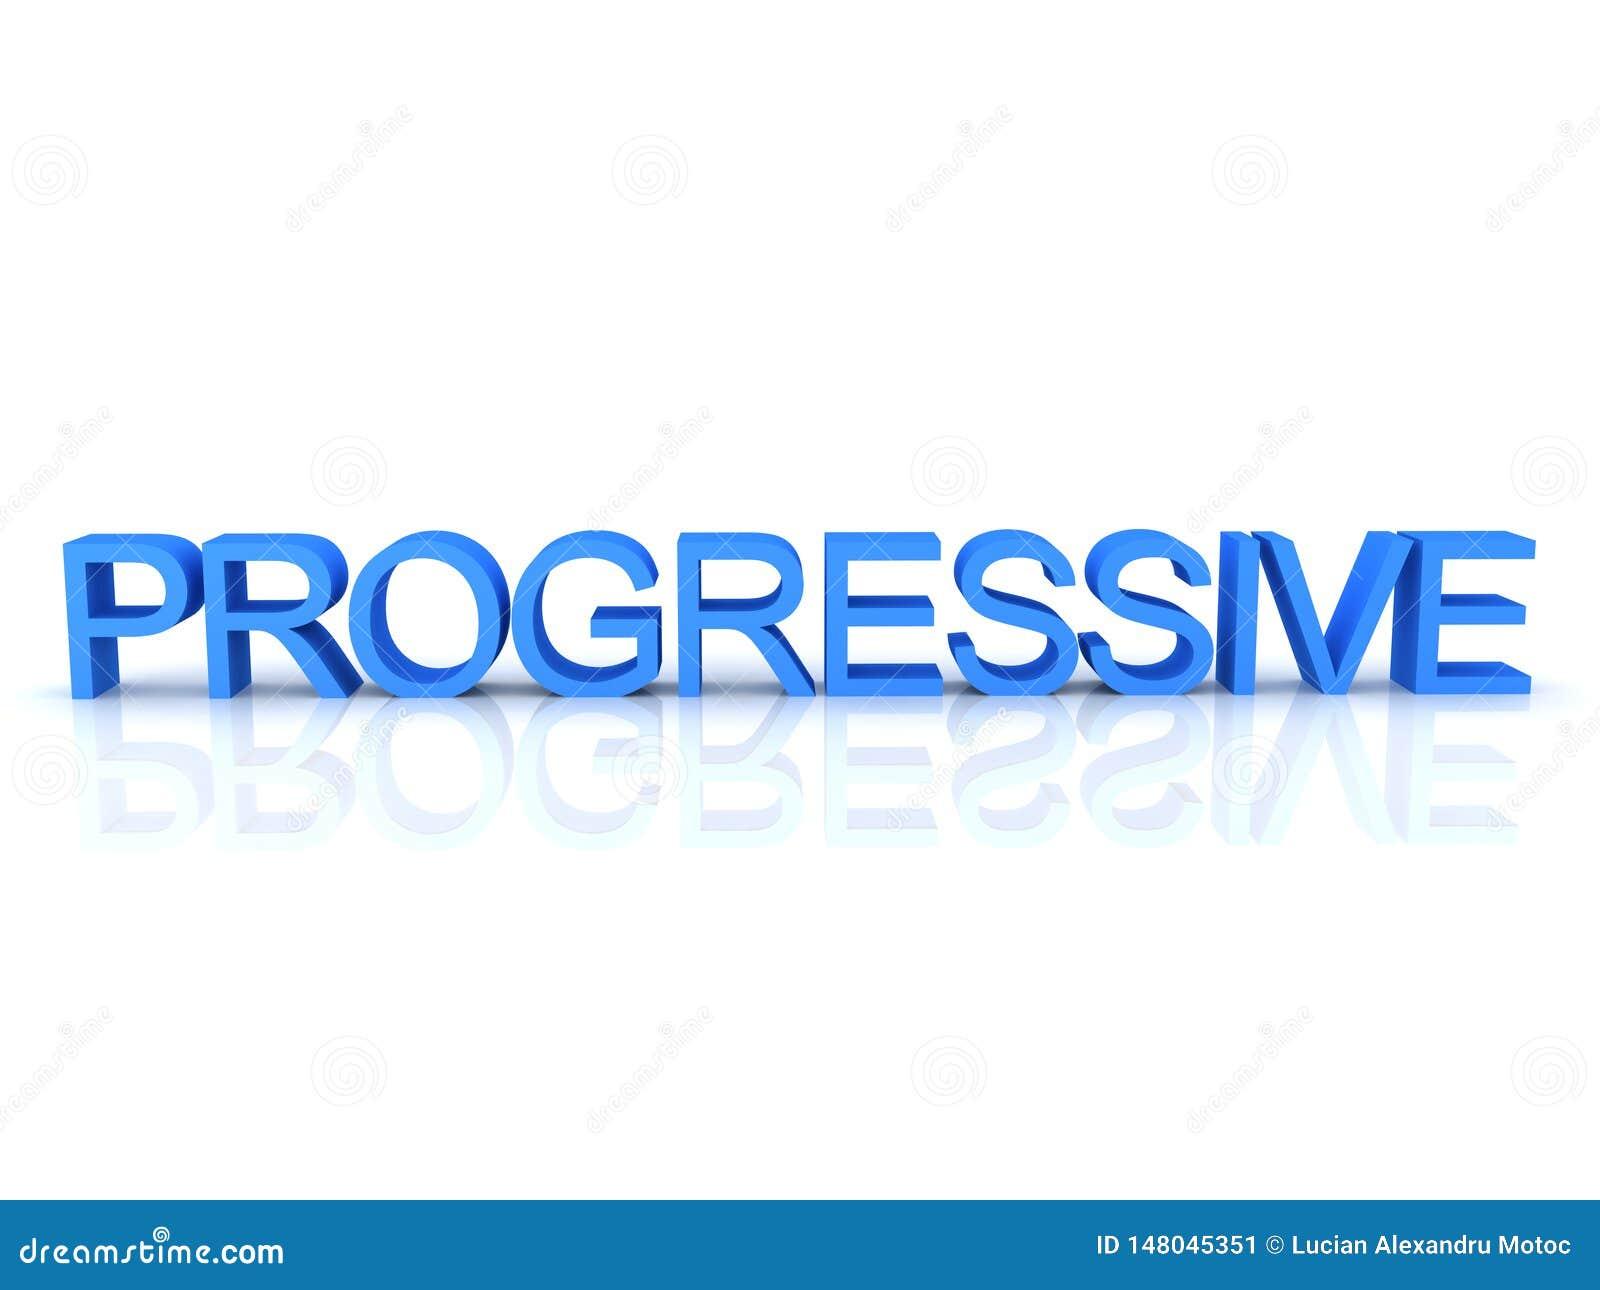 Was Bedeutet Progressiv